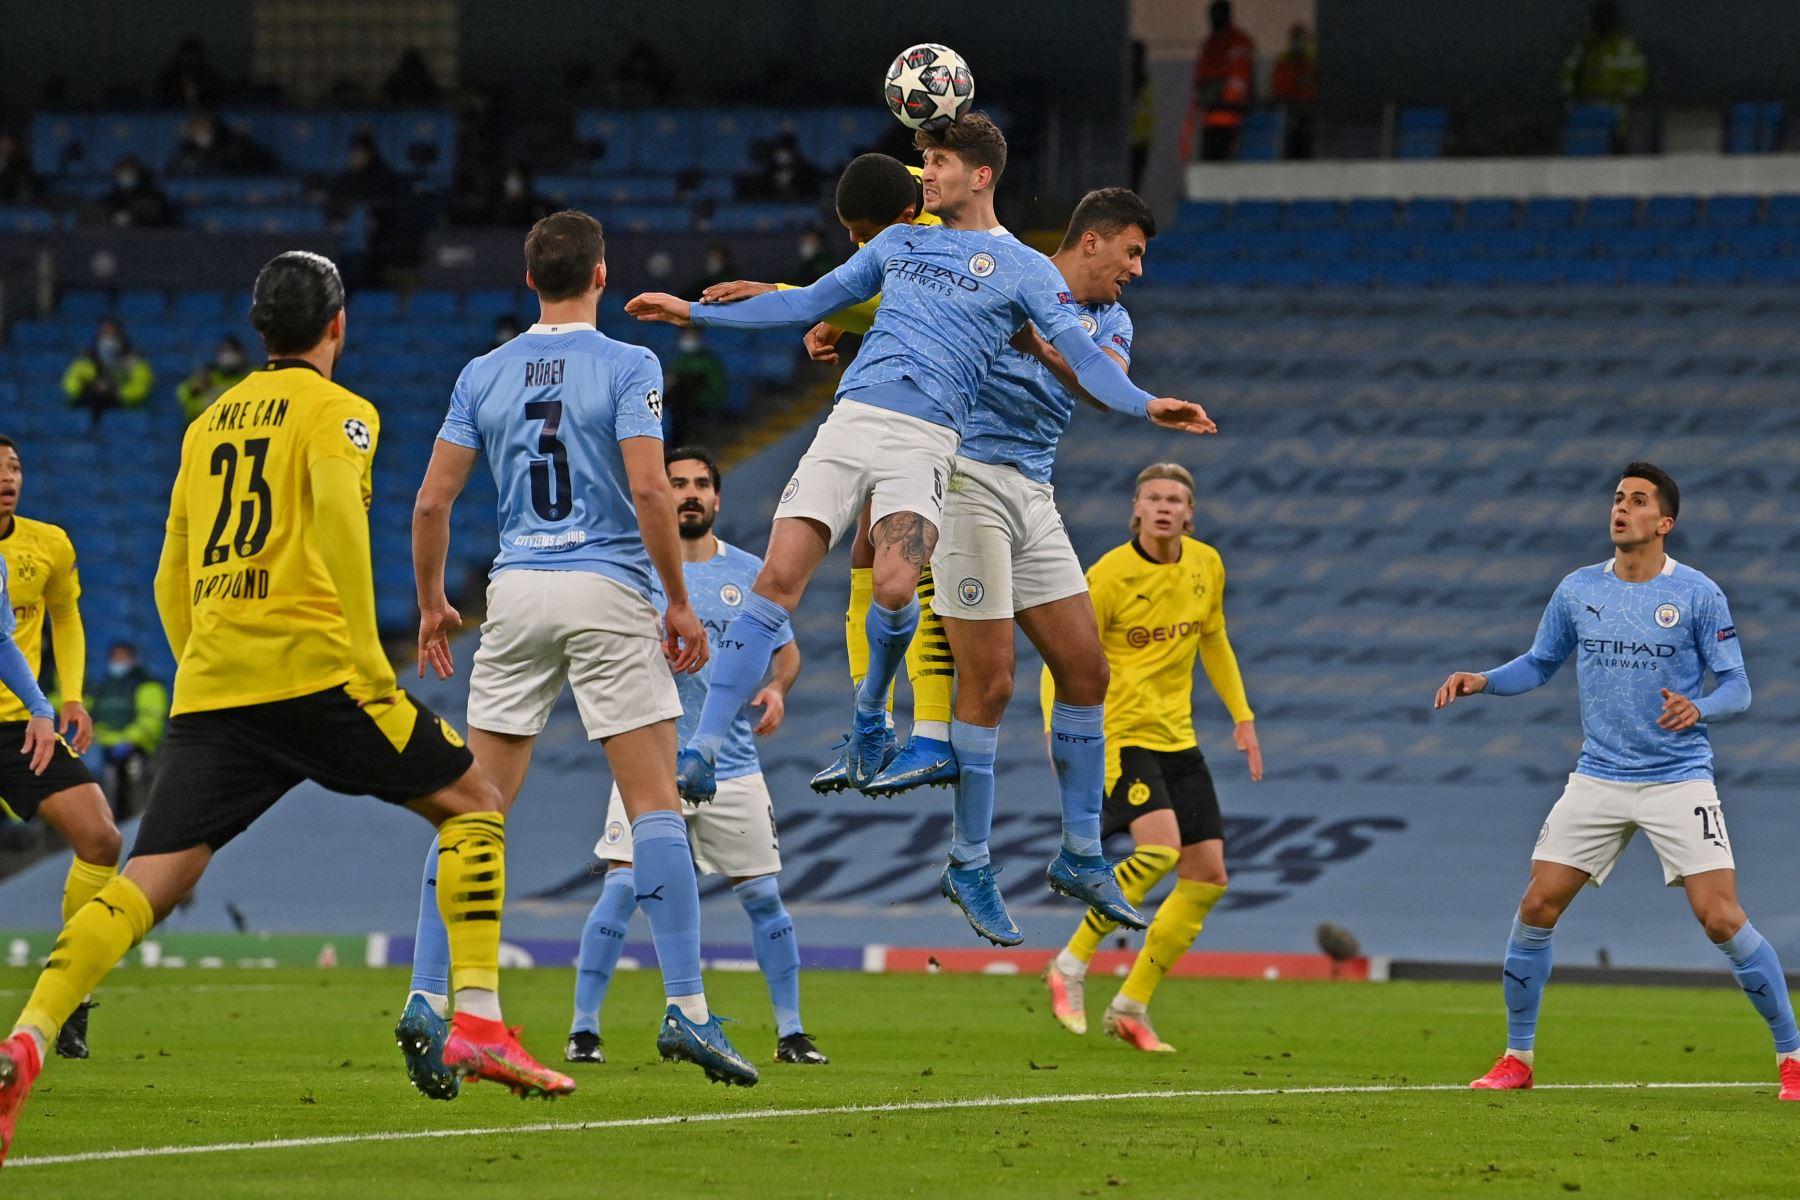 El defensor inglés del Manchester City, John Stones, cabecea el balón tras un tiro de esquina durante el partido de ida de cuartos de final de la Liga de Campeones de la UEFA. Foto: AFP